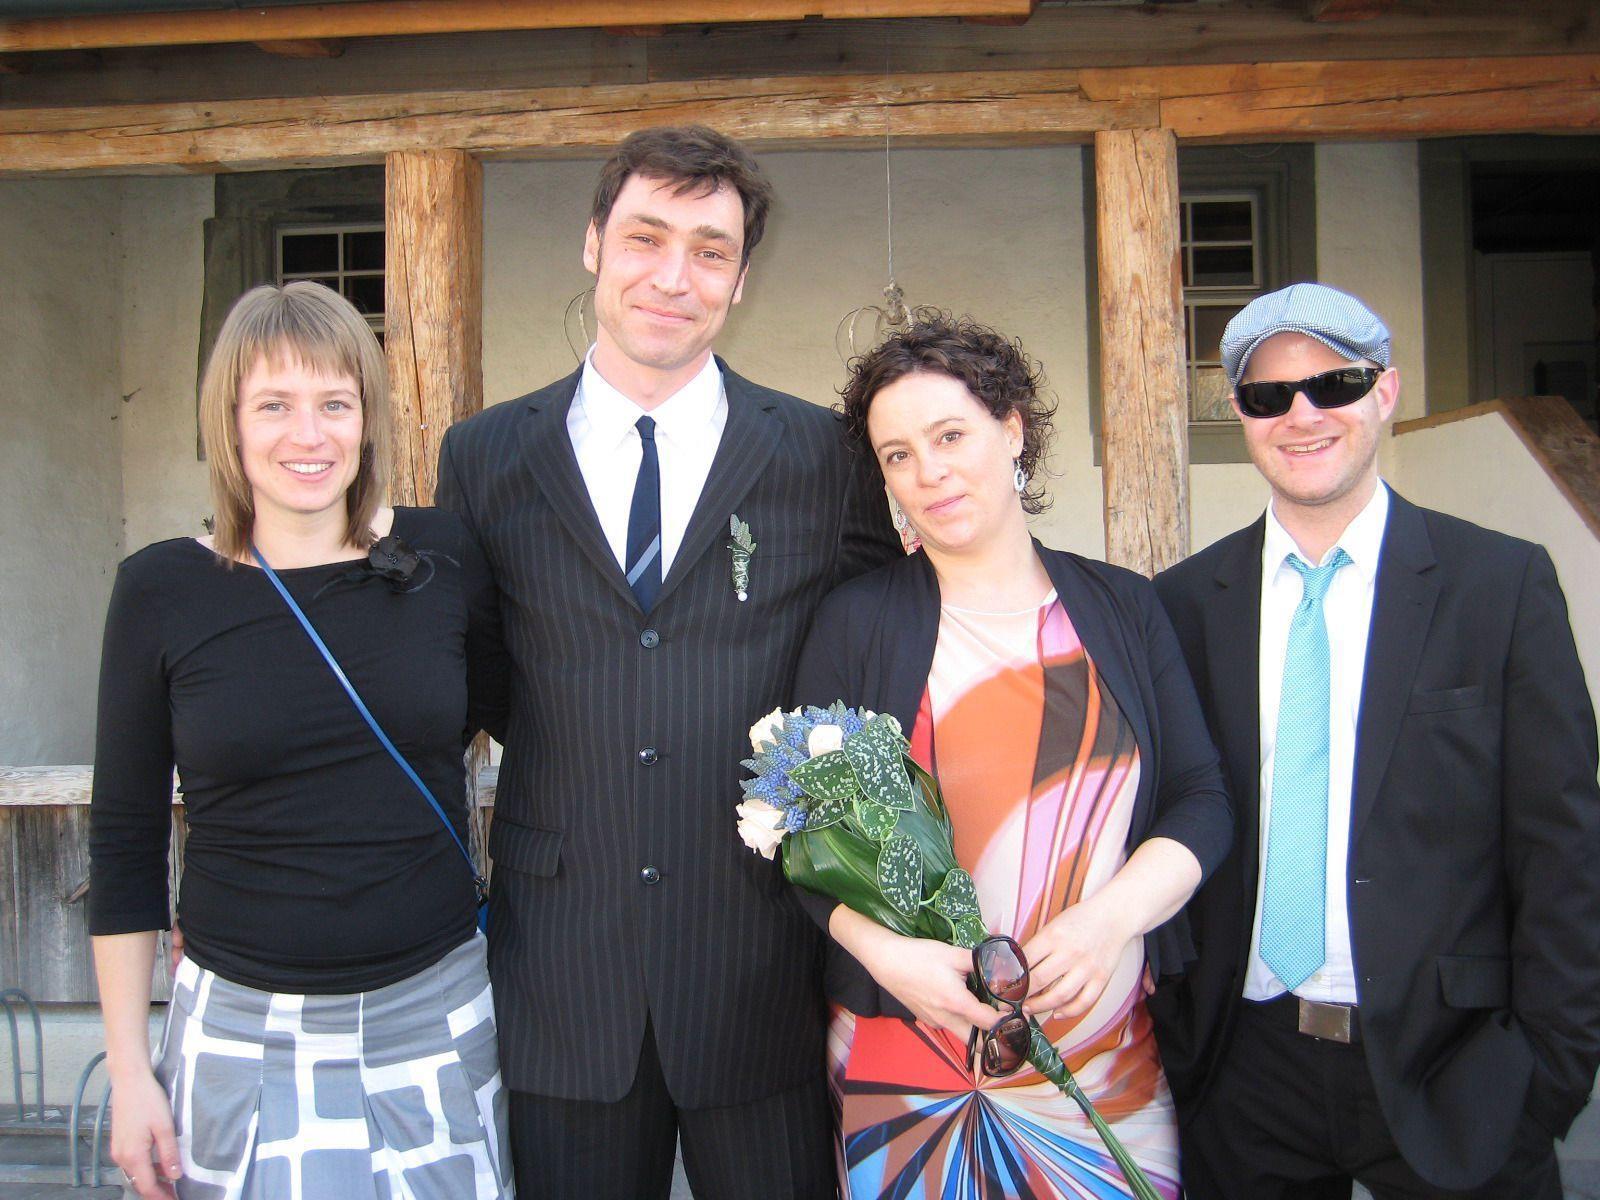 Svenja Maria und Marco Achilles haben geheiratet.